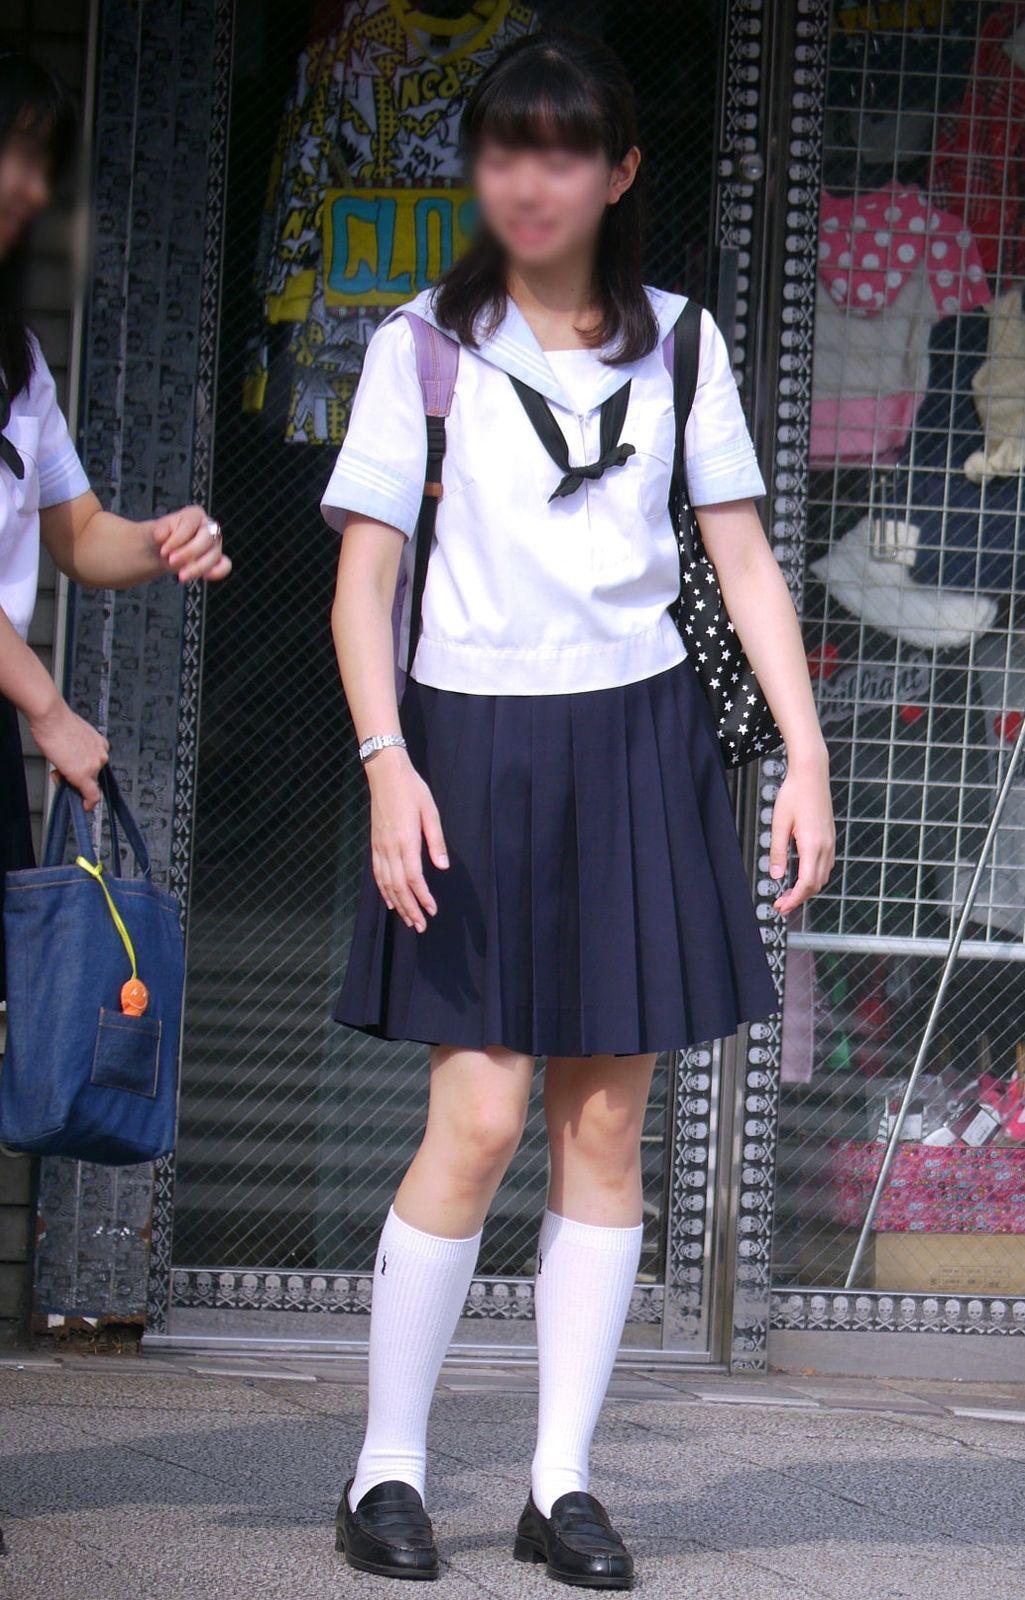 制服 フェリス 女学院 フェリスの制服とそっくりな学校は?(ID:147109)